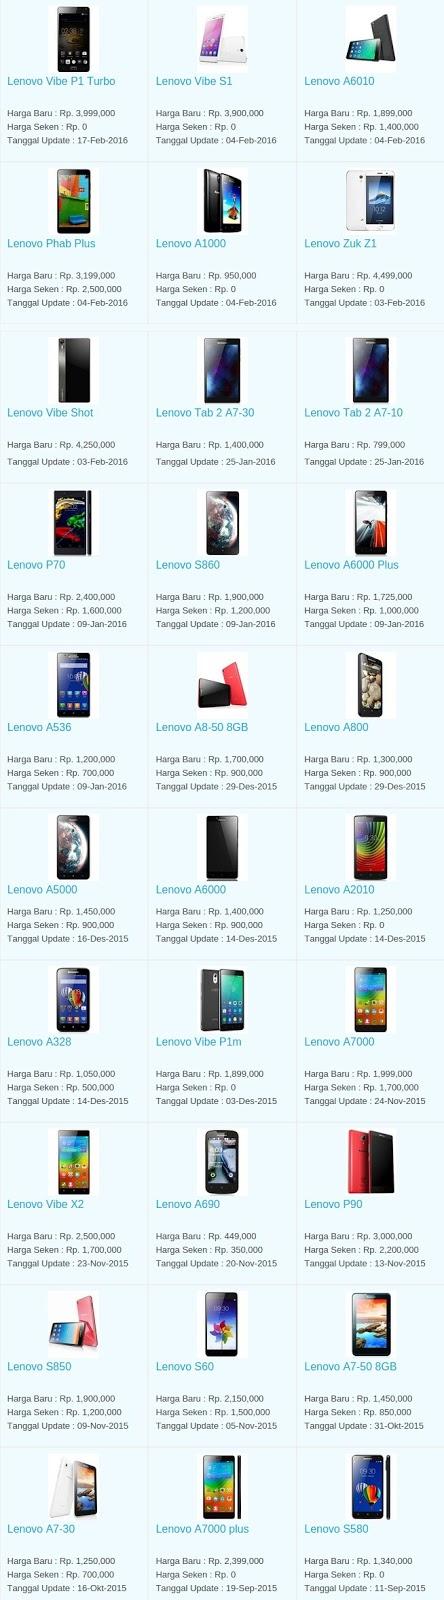 Daftar Harga Terbaru Hp Lenovo Maret 2016